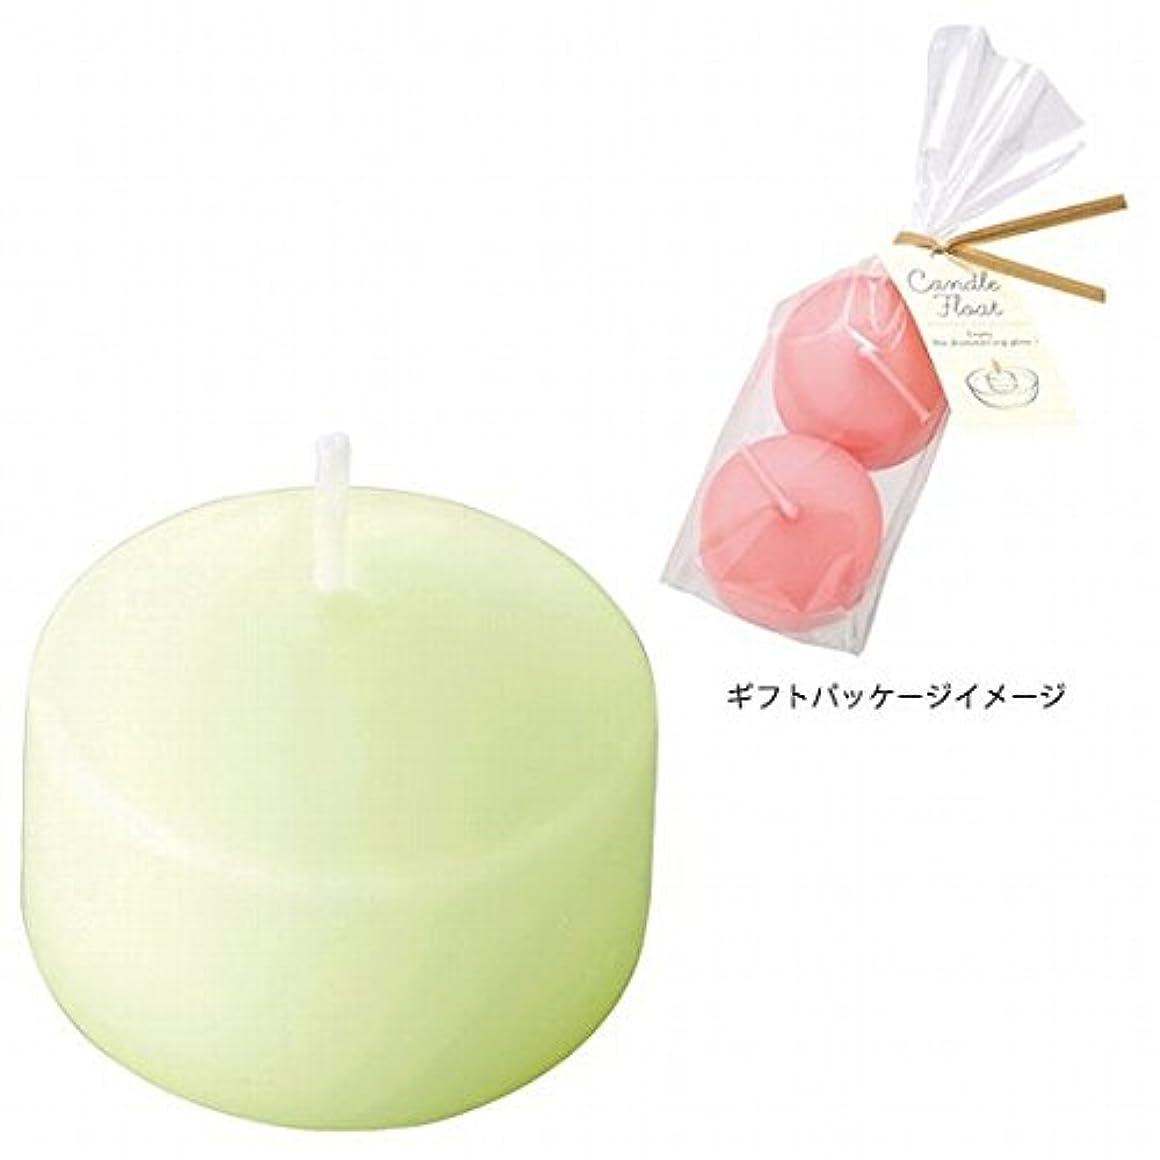 裏切る活力習慣カメヤマキャンドル(kameyama candle) ハッピープール(2個入り) キャンドル 「ホワイトグリーン」